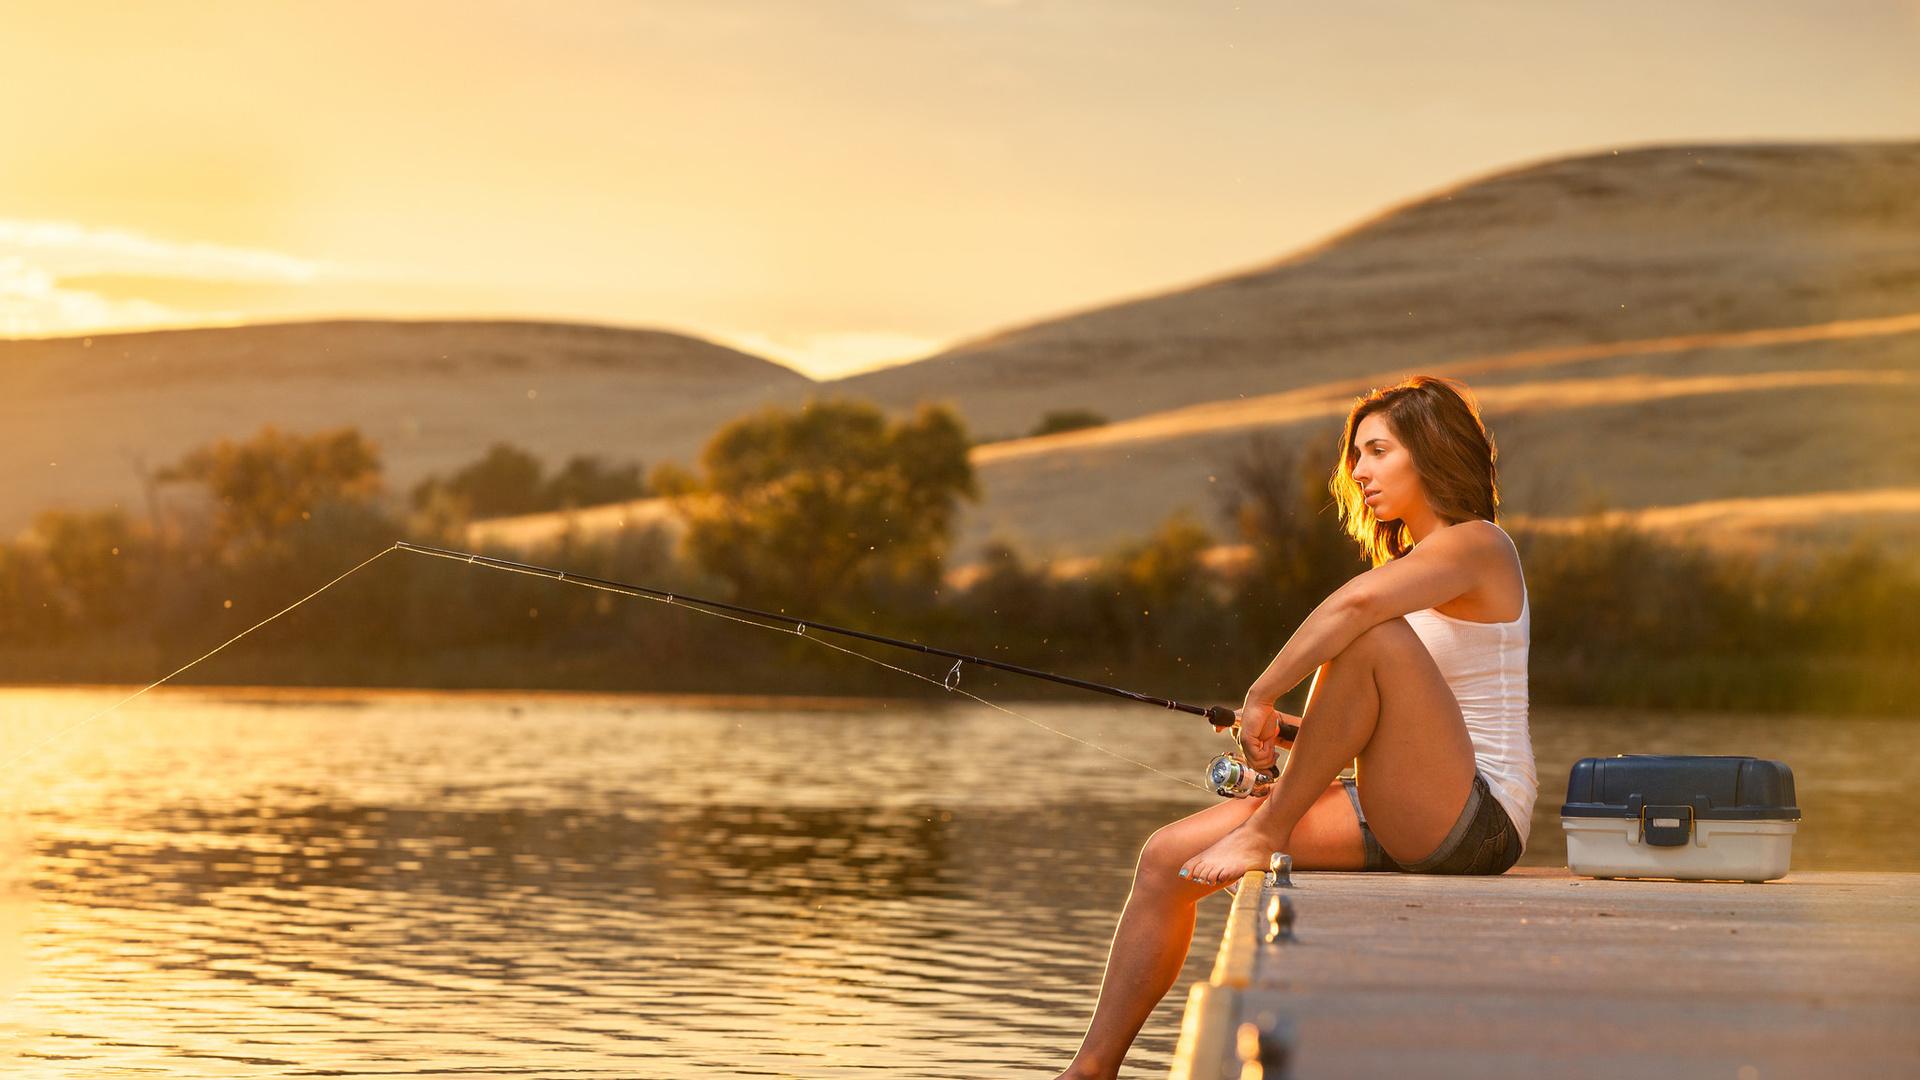 время она фотообои про рыбалку в смартфон правило, старые фотографии